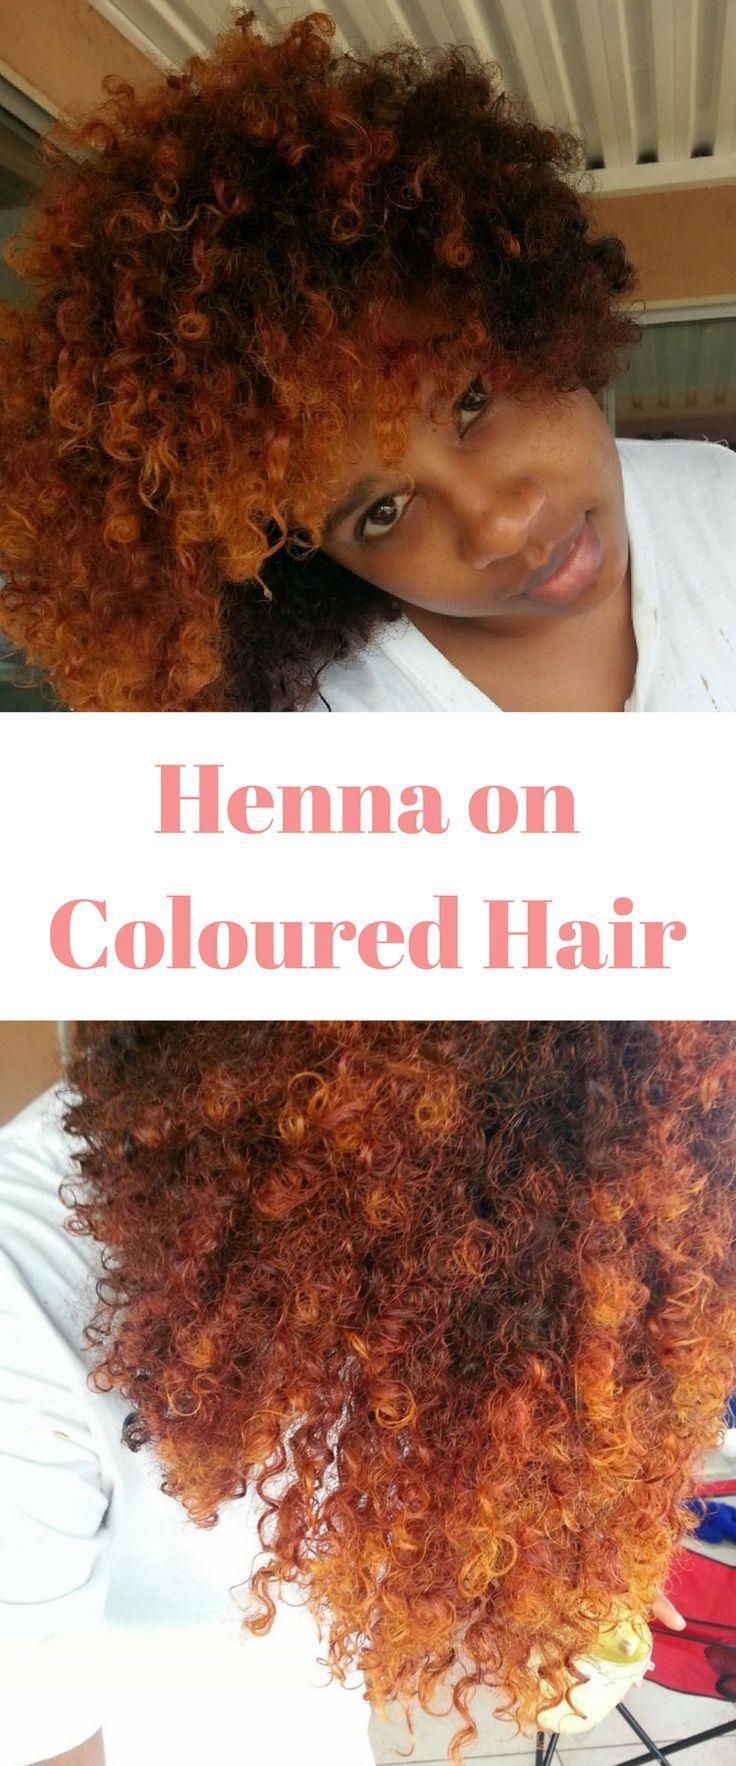 Henna Treatment For Hair Preparing My Natural Hair For Colour